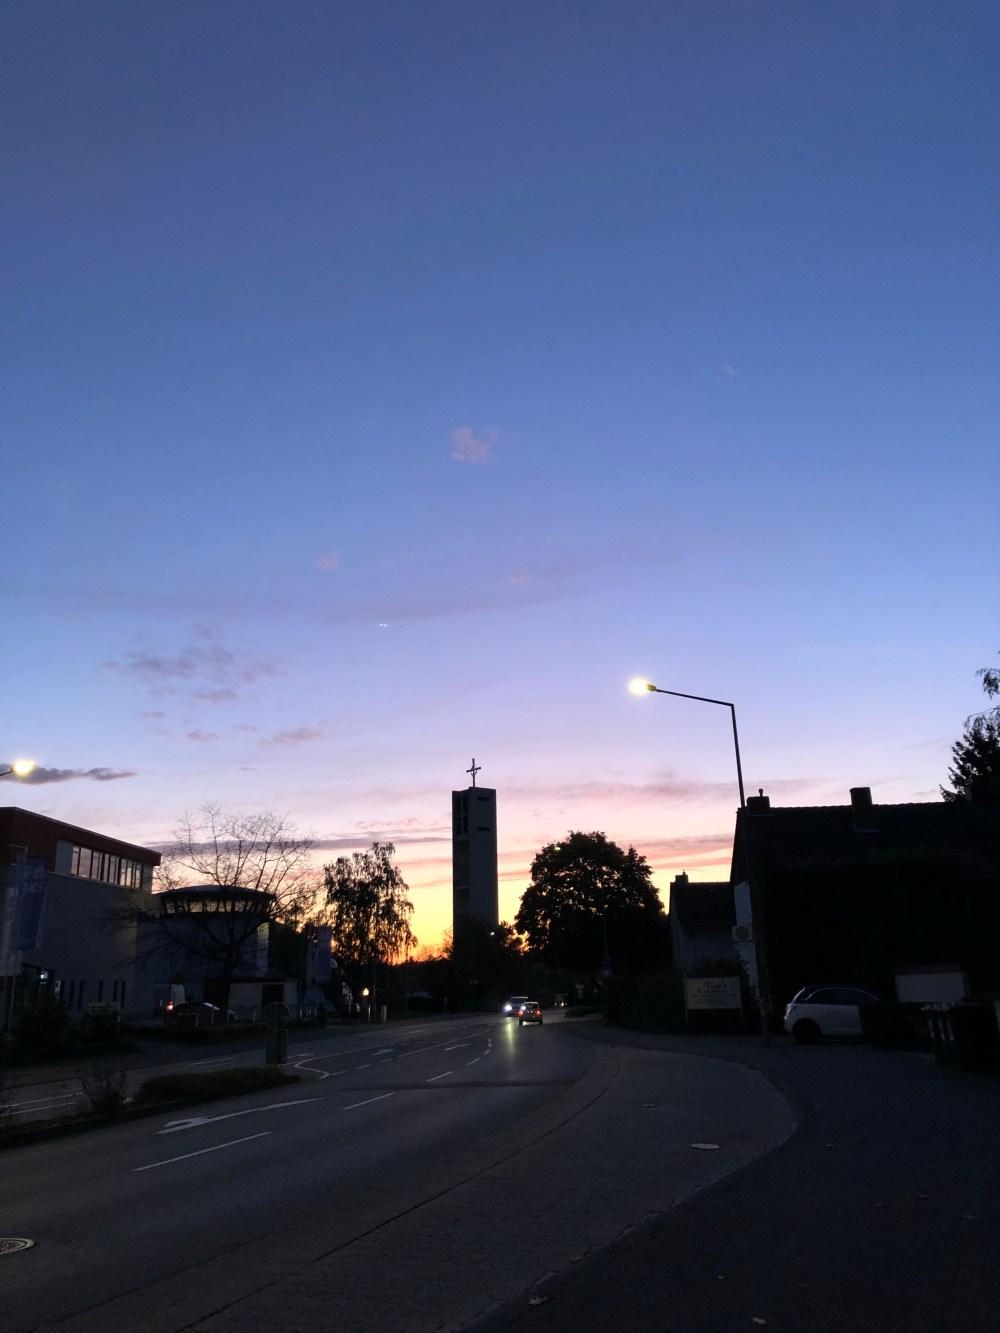 Straße zu einem Kirchturm mit Sonnenuntergang im Hintergrund